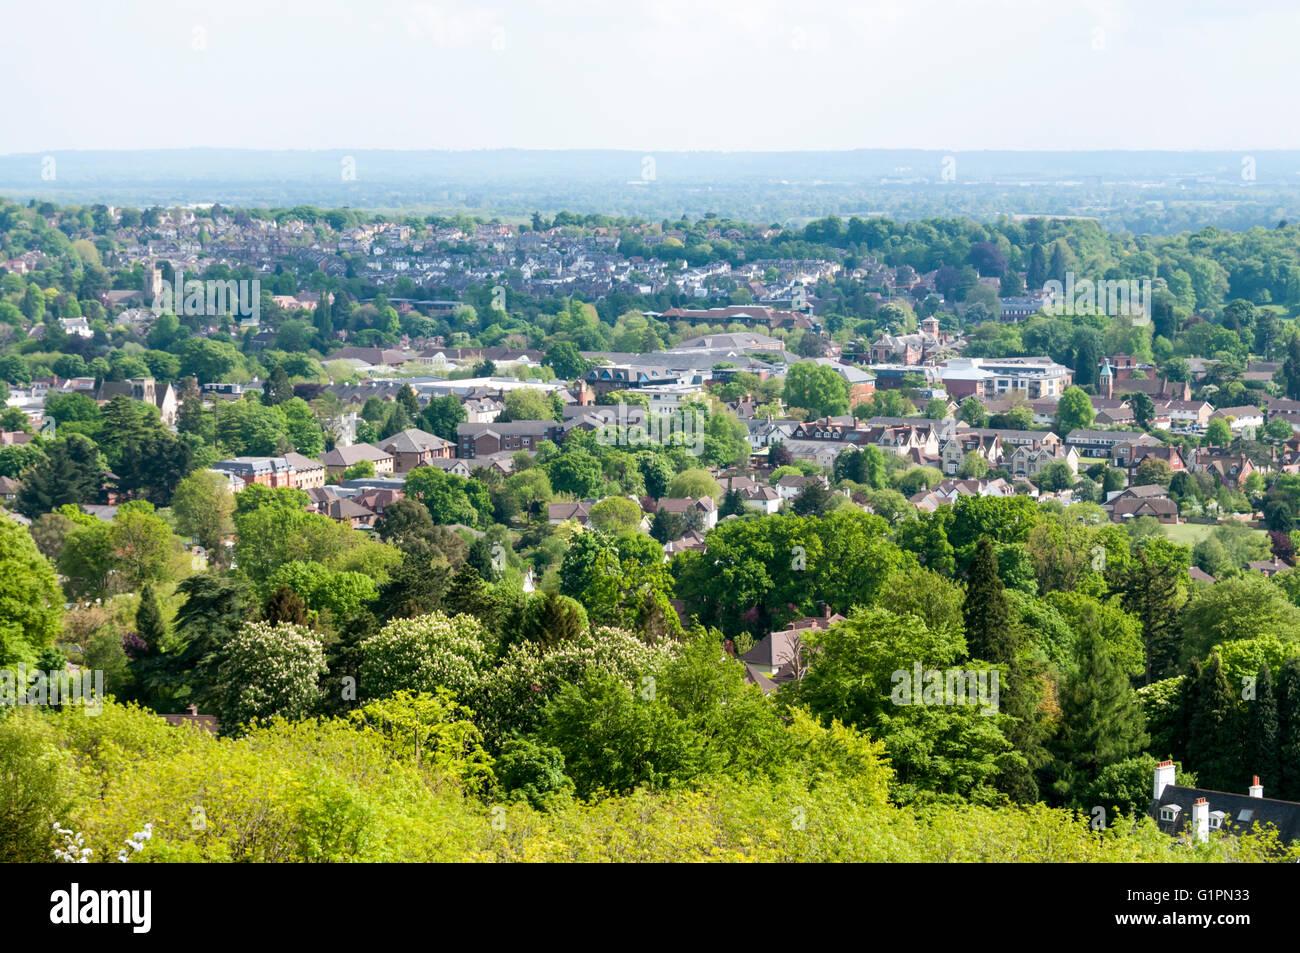 Die Surrey Stadt von Reigate gesehen aus dem North Downs Grüngürtel Land im Süden von London. Stockbild